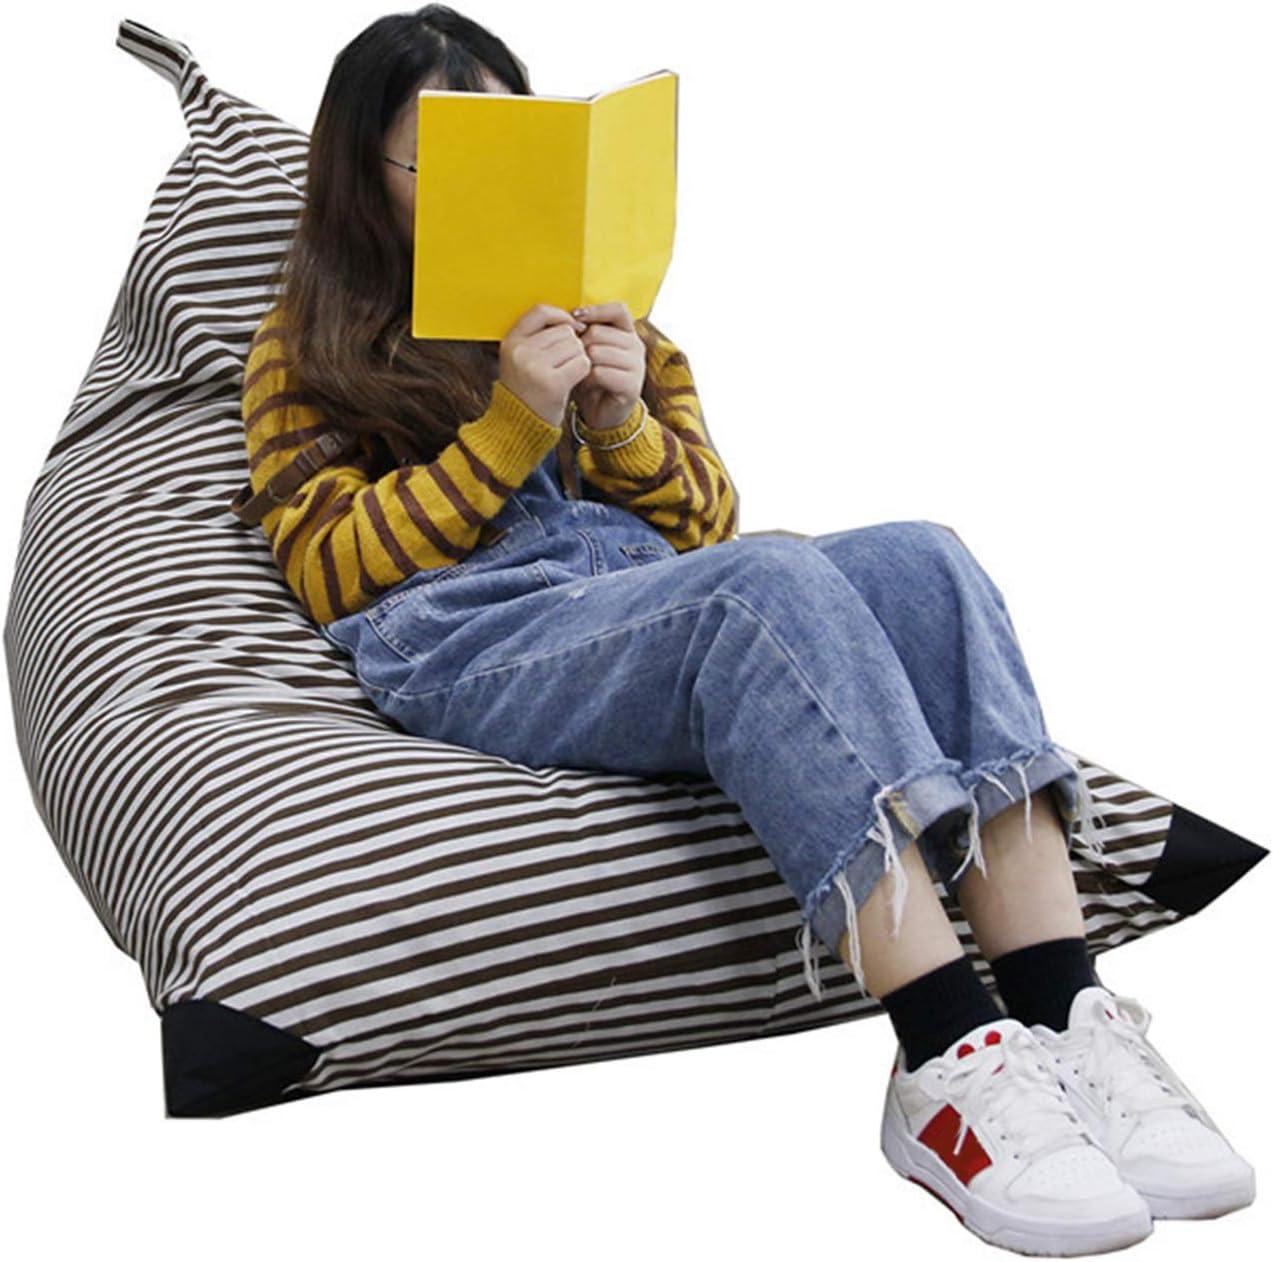 Gro/ße Kapazit/ät Stofftier Spielzeug Organizer Sofa F/ür Kinder Nur Cover Bag QLPXY Aufbewahrung Soft Toy Sitzsack Stuhl grau Jugendliche Und Erwachsene